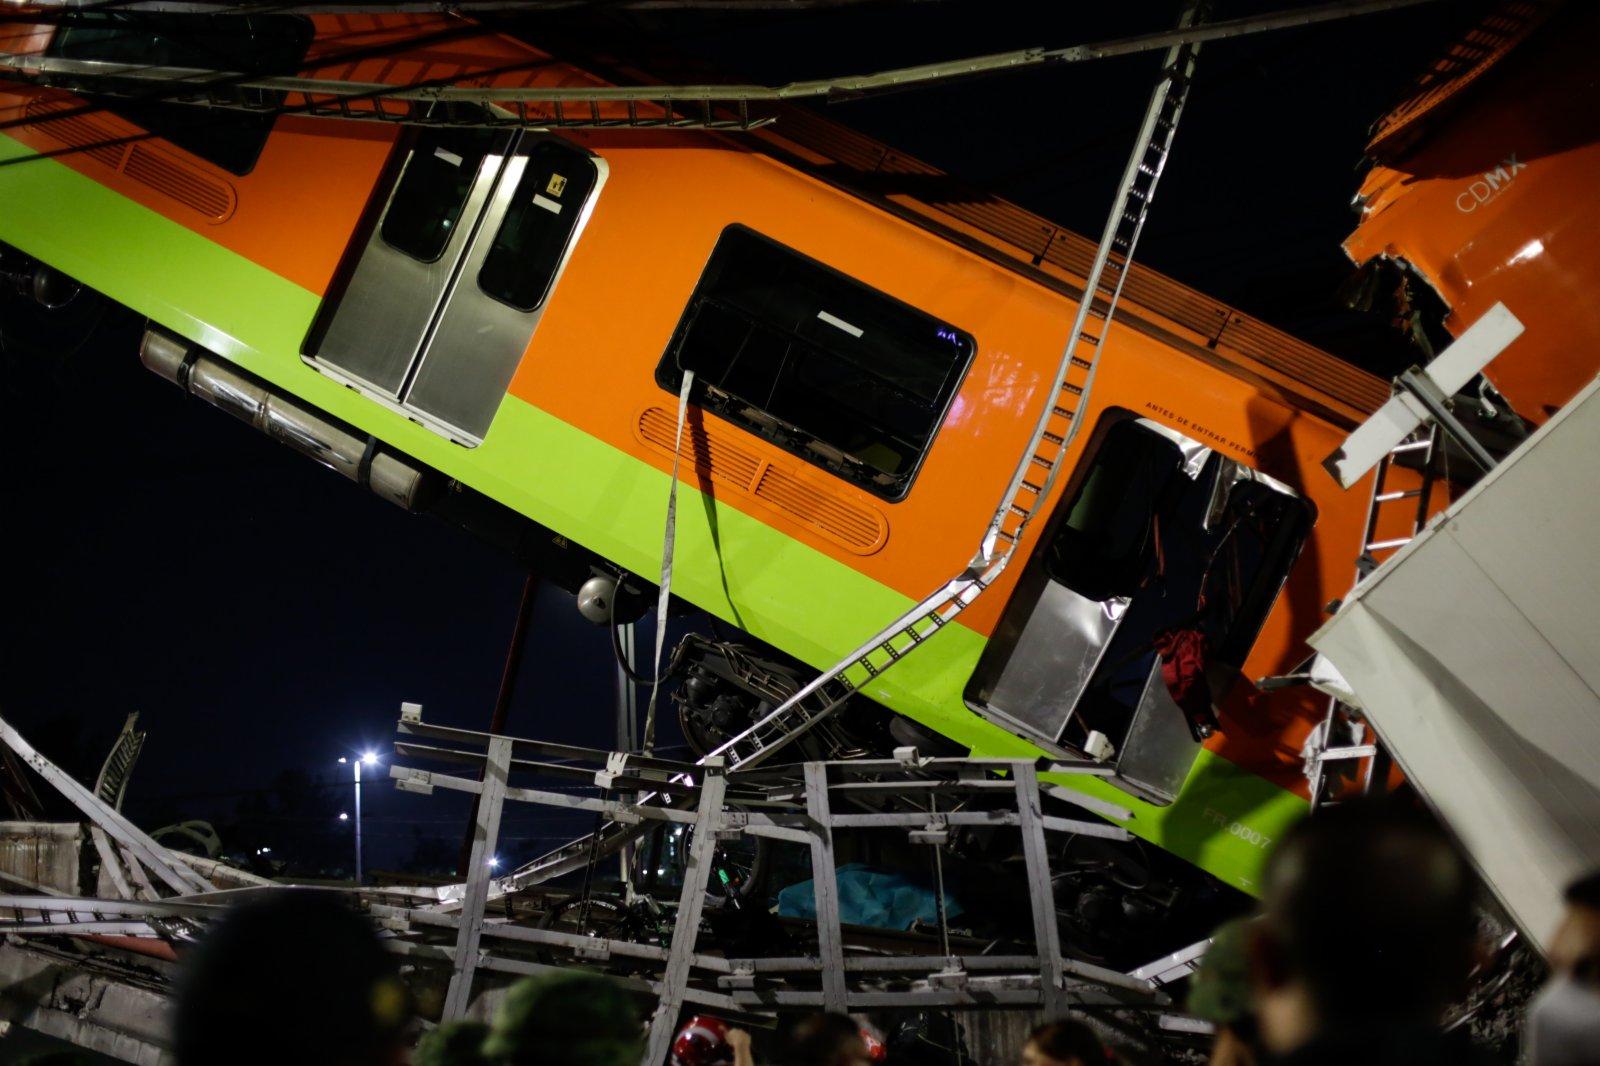 這是5月3日在墨西哥首都墨西哥城拍攝的坍塌事故現場。